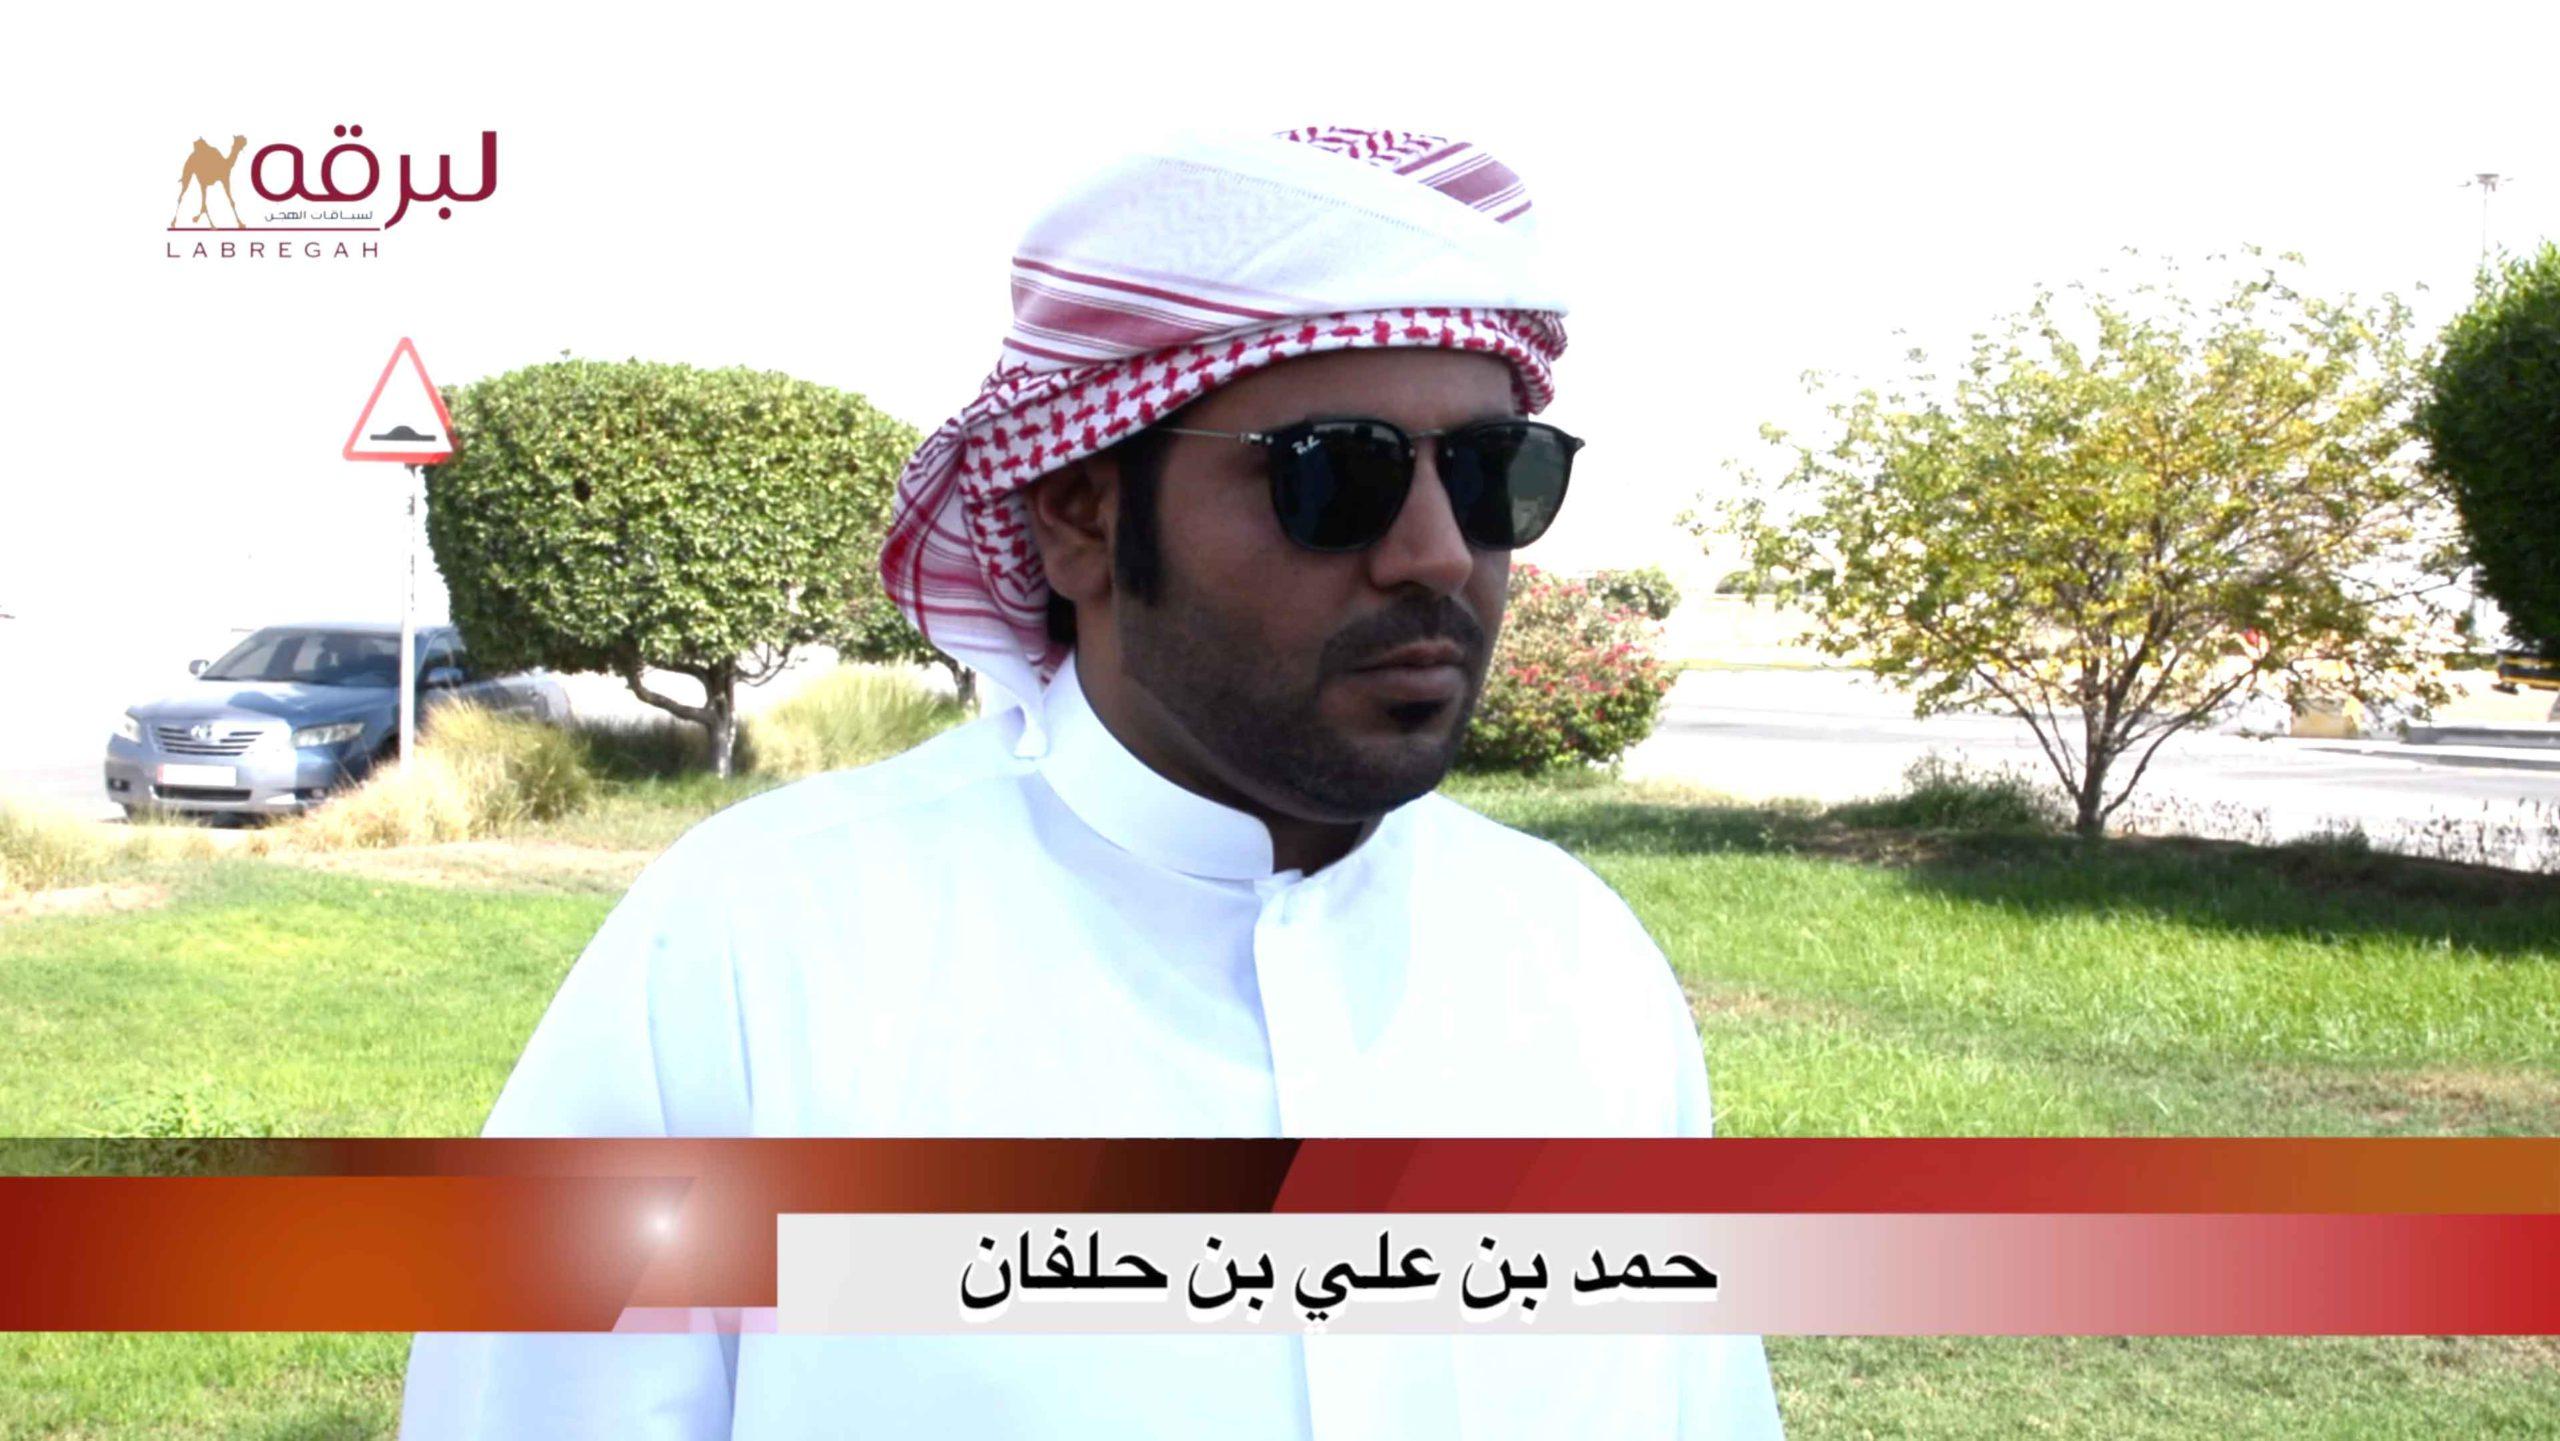 لقاء مع حمد بن علي بن حلفان.. الشوط الرئيسي للثنايا بكار إنتاج الأشواط العامة ٢٥-٩-٢٠٢٠